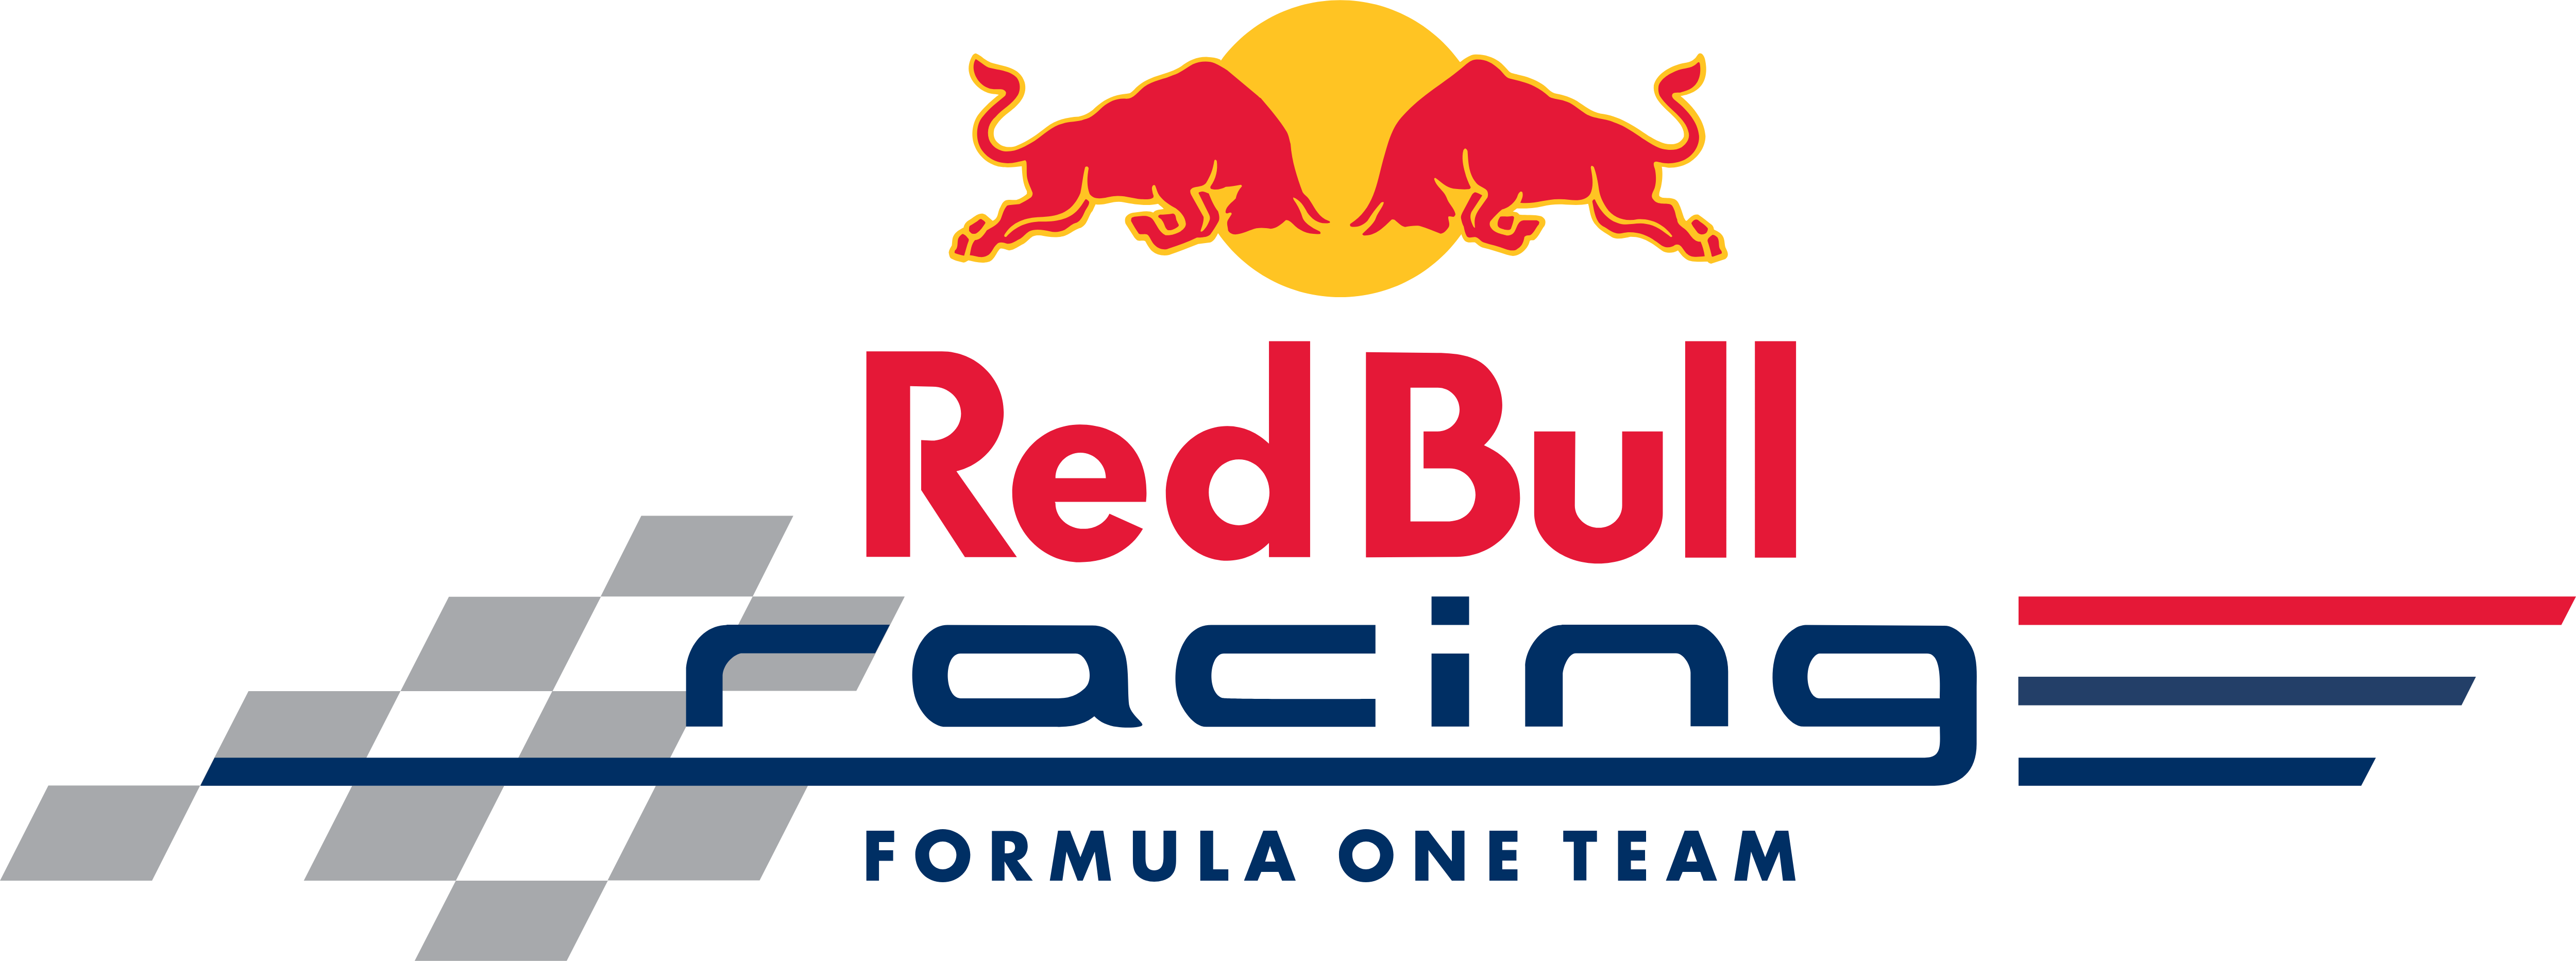 Red Bull Sport Logos Download